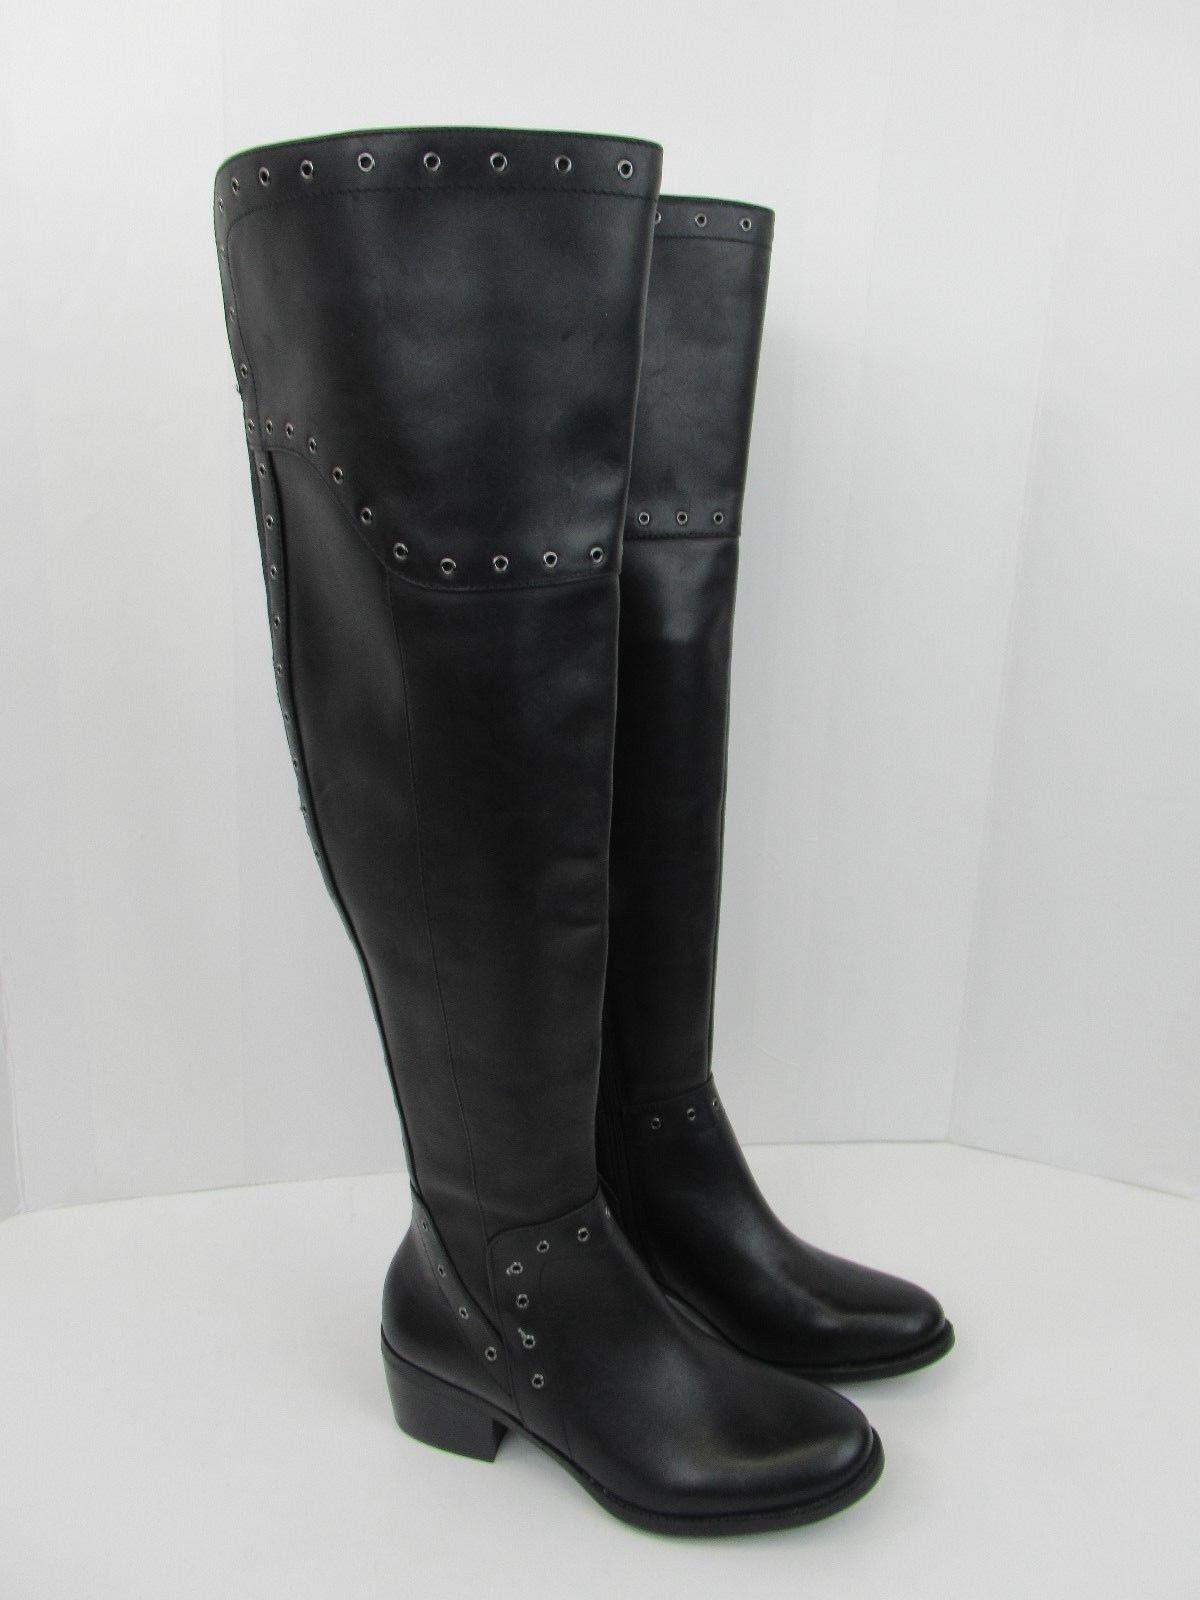 Vince Camuto Wouomo Bestan Leather Side-Zip Wide-Calf stivali nero Dimensione 6 M